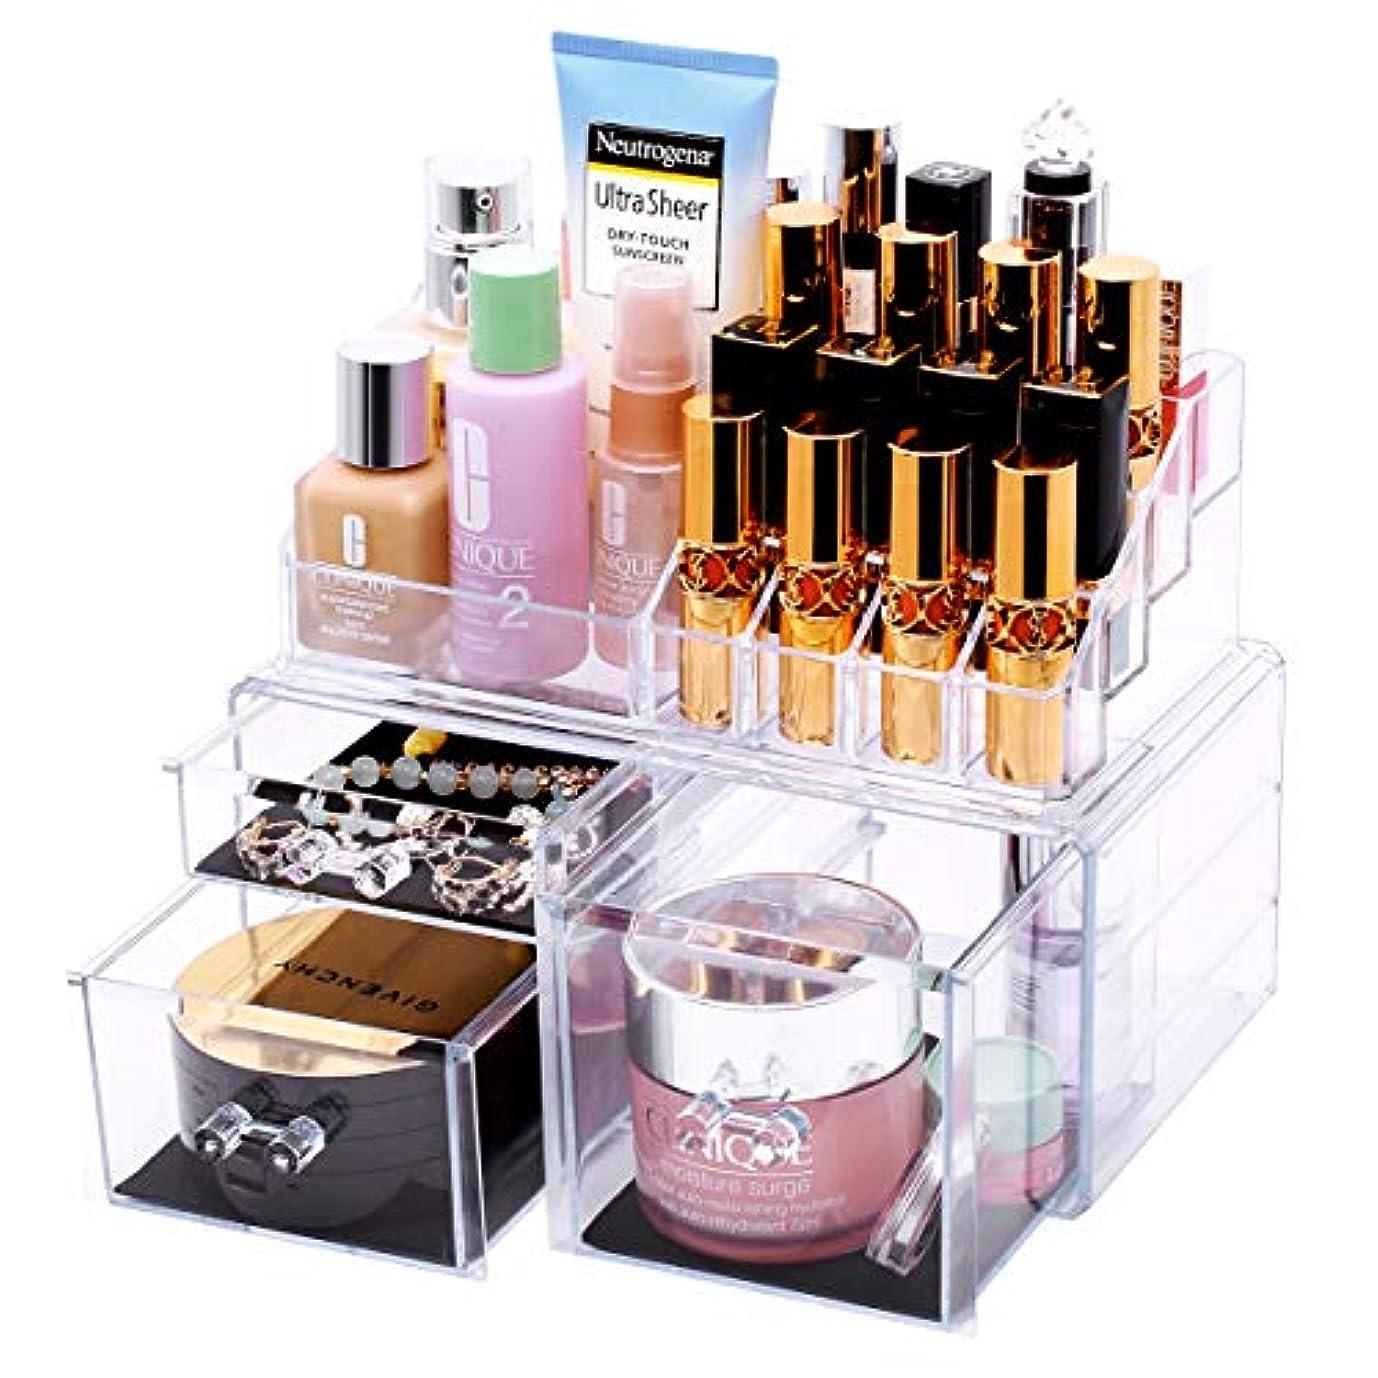 でる機動経済FORSONT メイクボックス 二層 化粧品収納ボックス 口紅ボックス 大容量収納 透明 アクセサリ収納ボックス